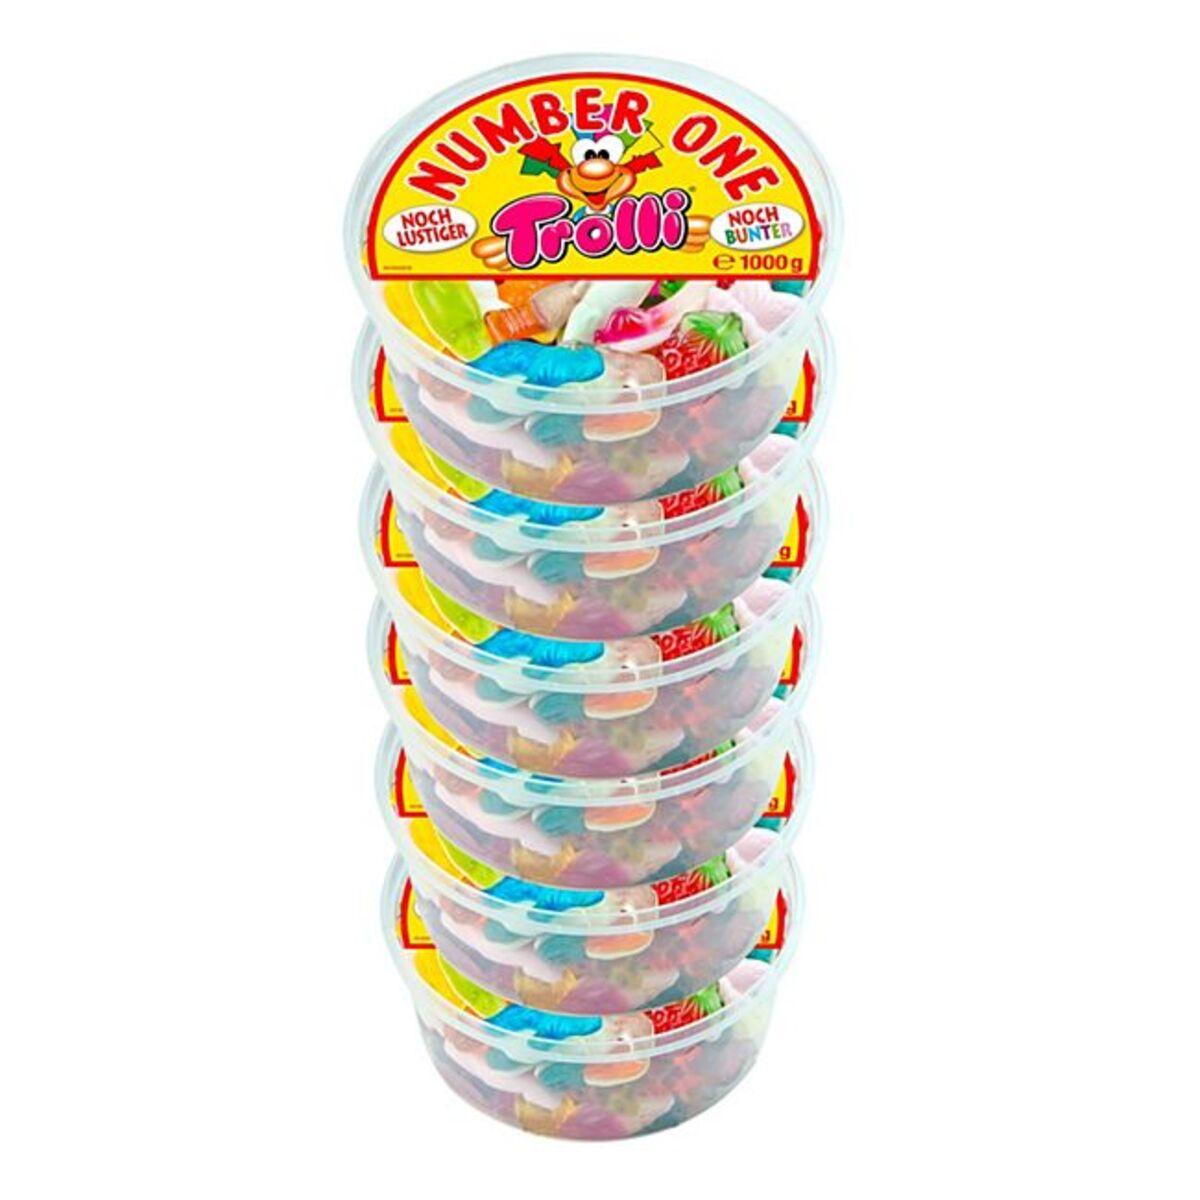 Bild 1 von Trolli Fruchtgummi 1 kg, 6er Pack